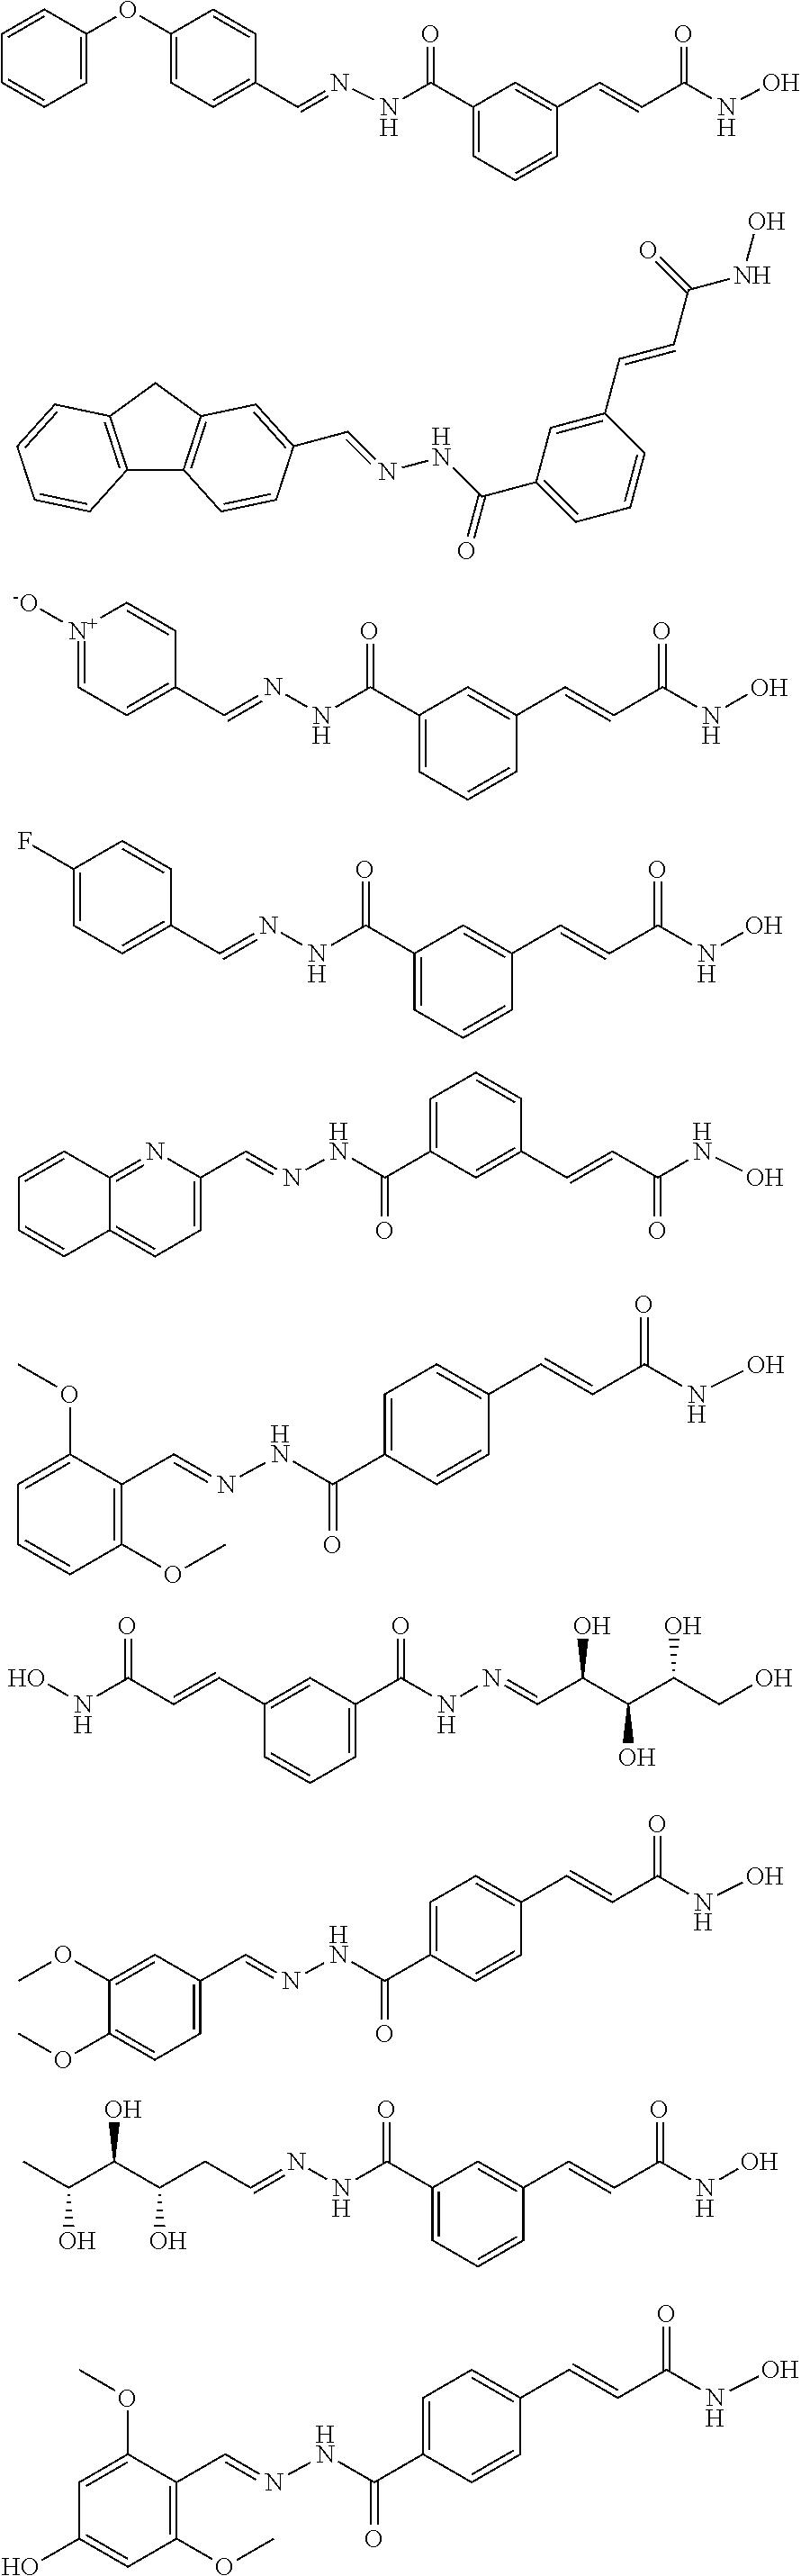 Figure US09540317-20170110-C00081